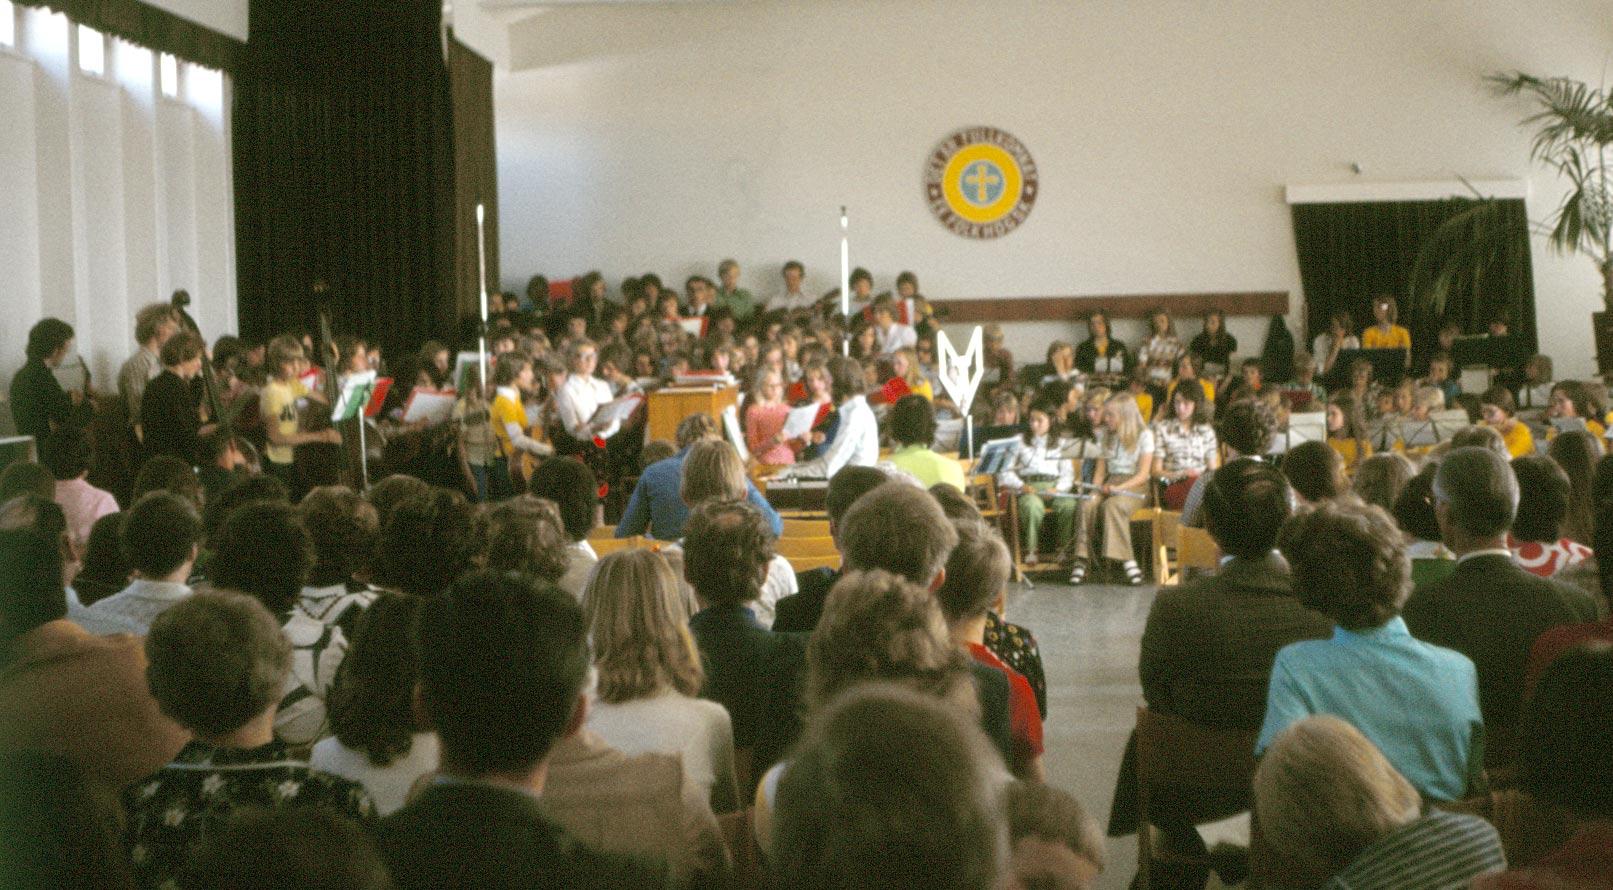 Sommaren 1976 hade sång- och musikkursen 29 deltagare som fyllt 16 år och dessutom 146 yngre deltagare. Den här bilden är från den högtidliga avslutningen då musikanterna spelade och sjöng inför föräldrar och vänner.